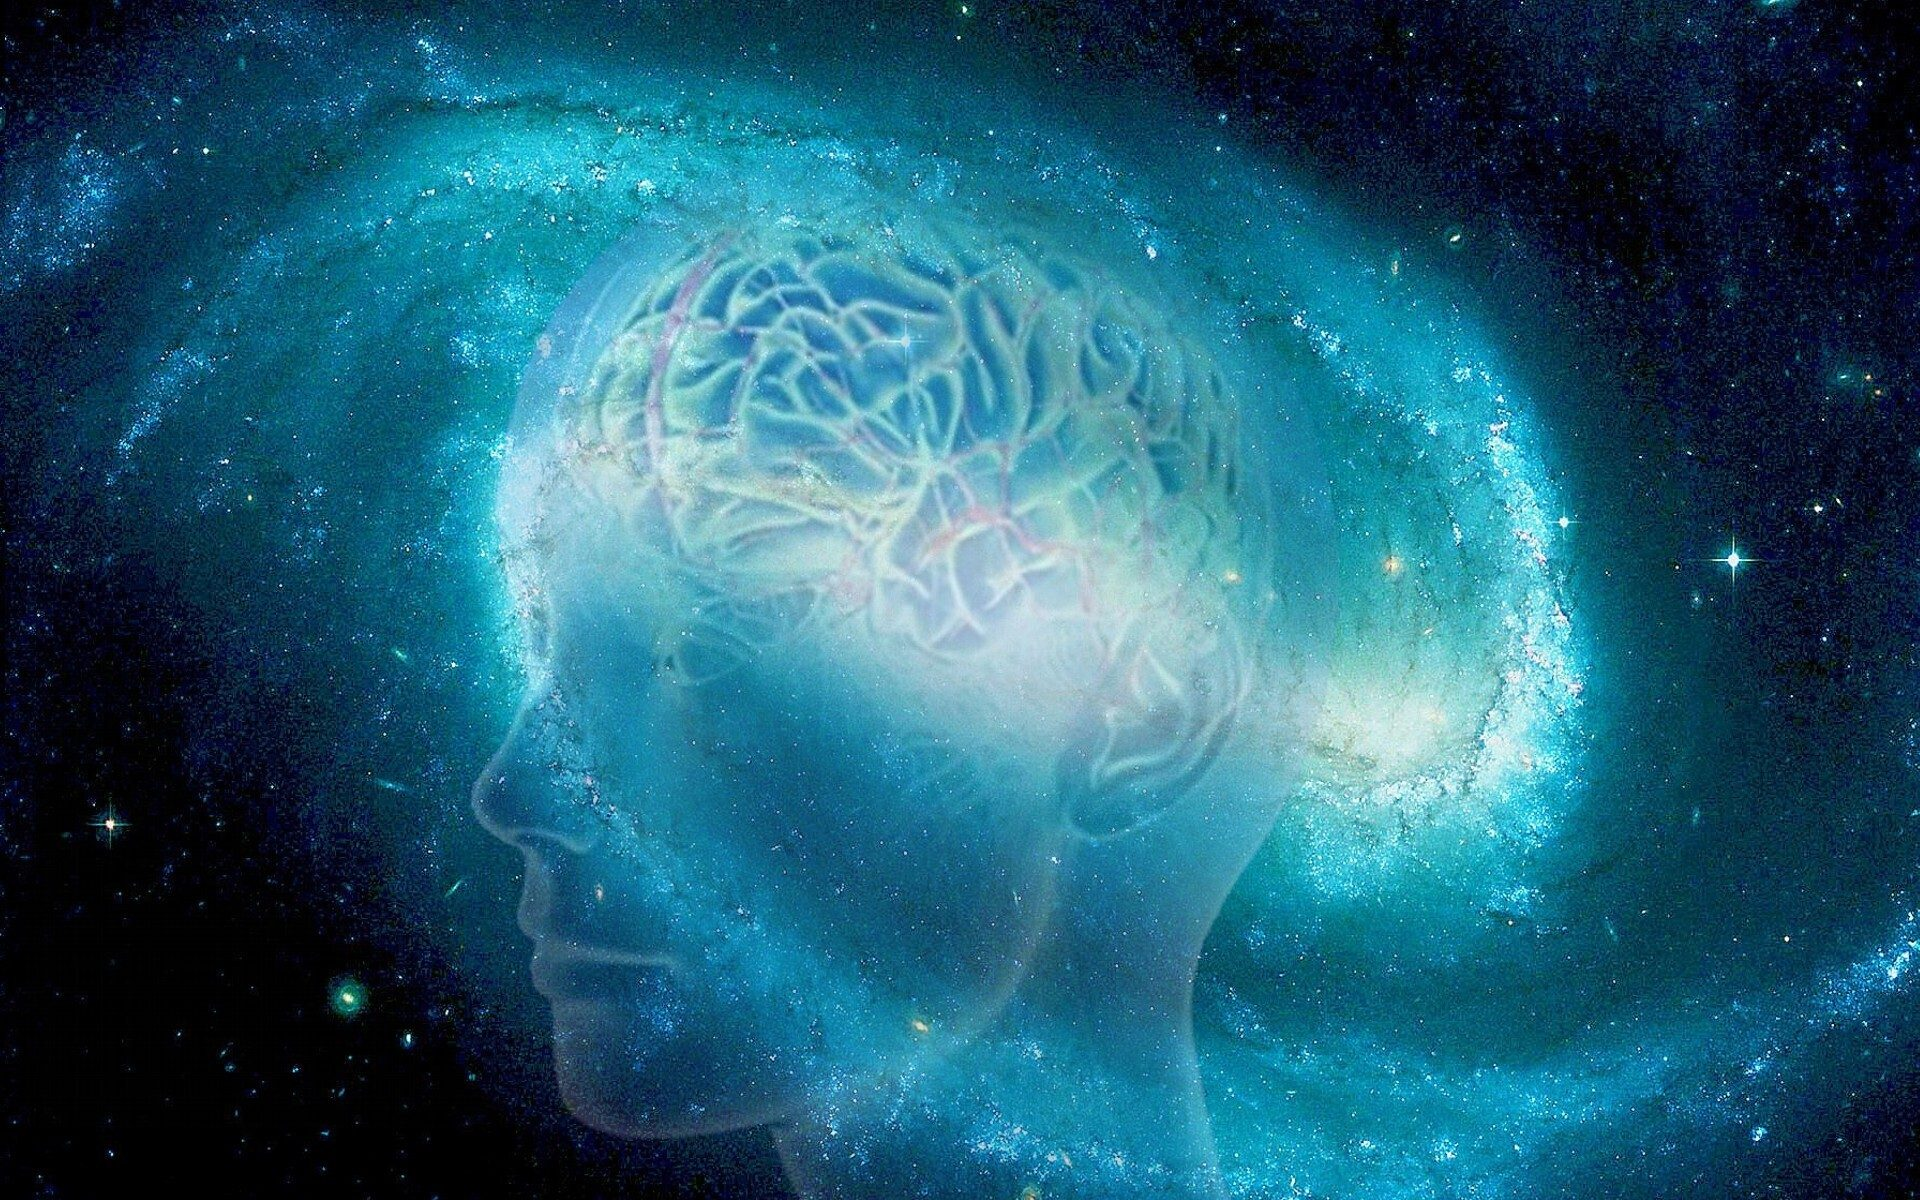 Come ci inviano le energie negative: imparare a difendersi